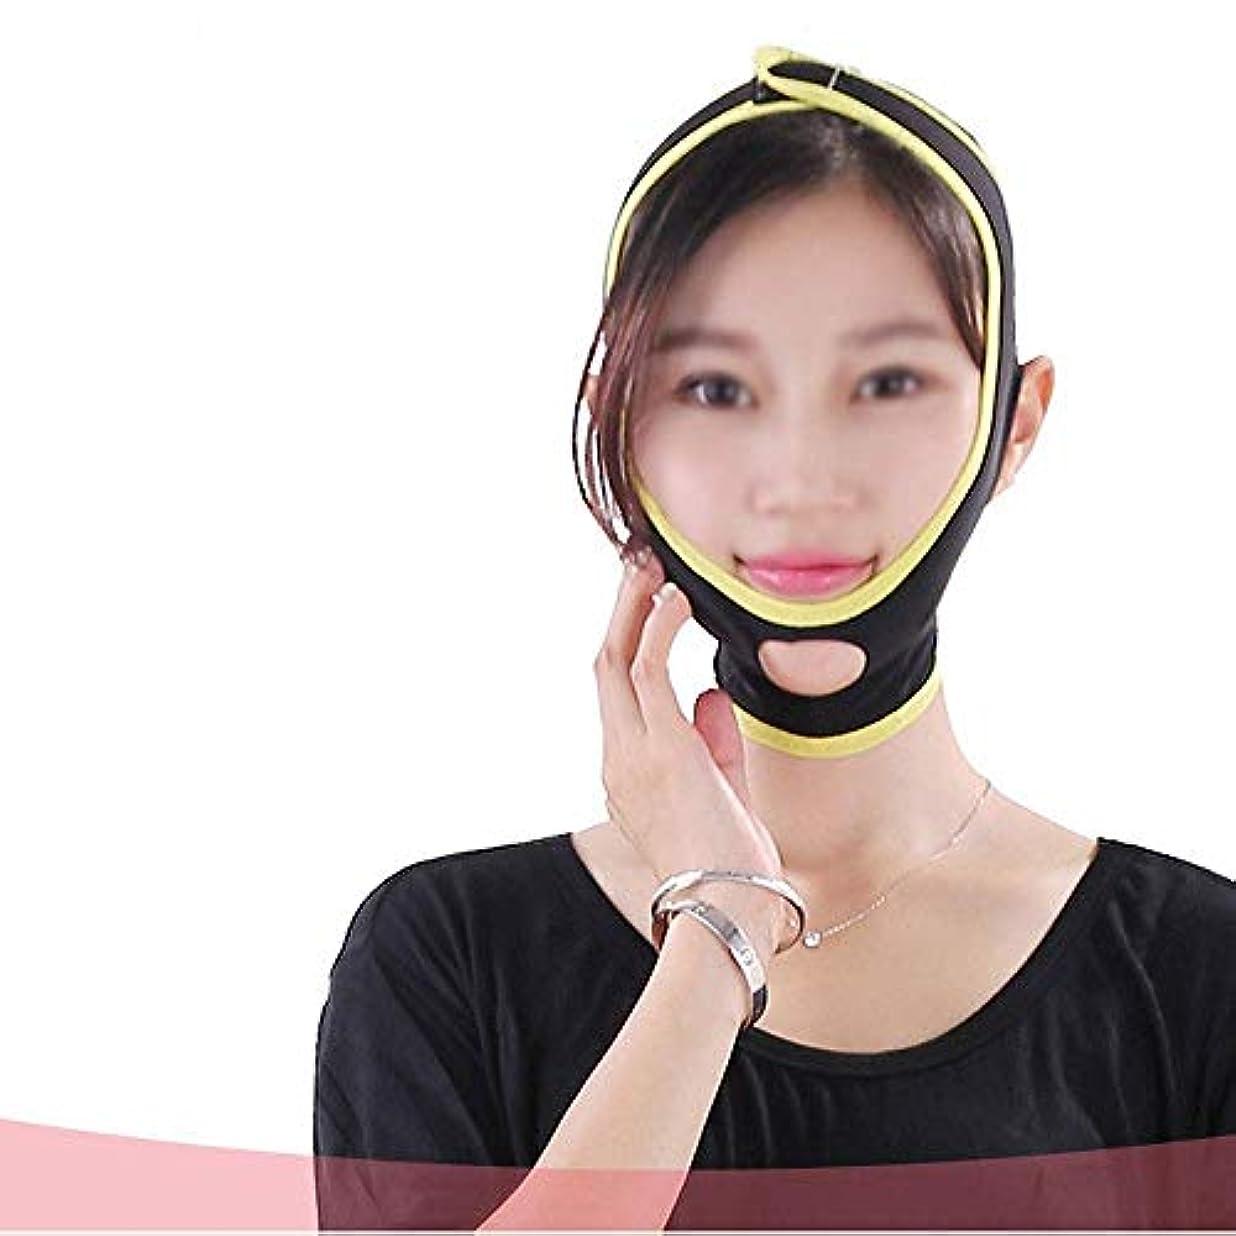 雇ったできるなぜ睡眠用フェイスマスク、薄い顔の包帯、小さな顔Vの顔、薄い顔、フェイスリフト付き(サイズ:M)